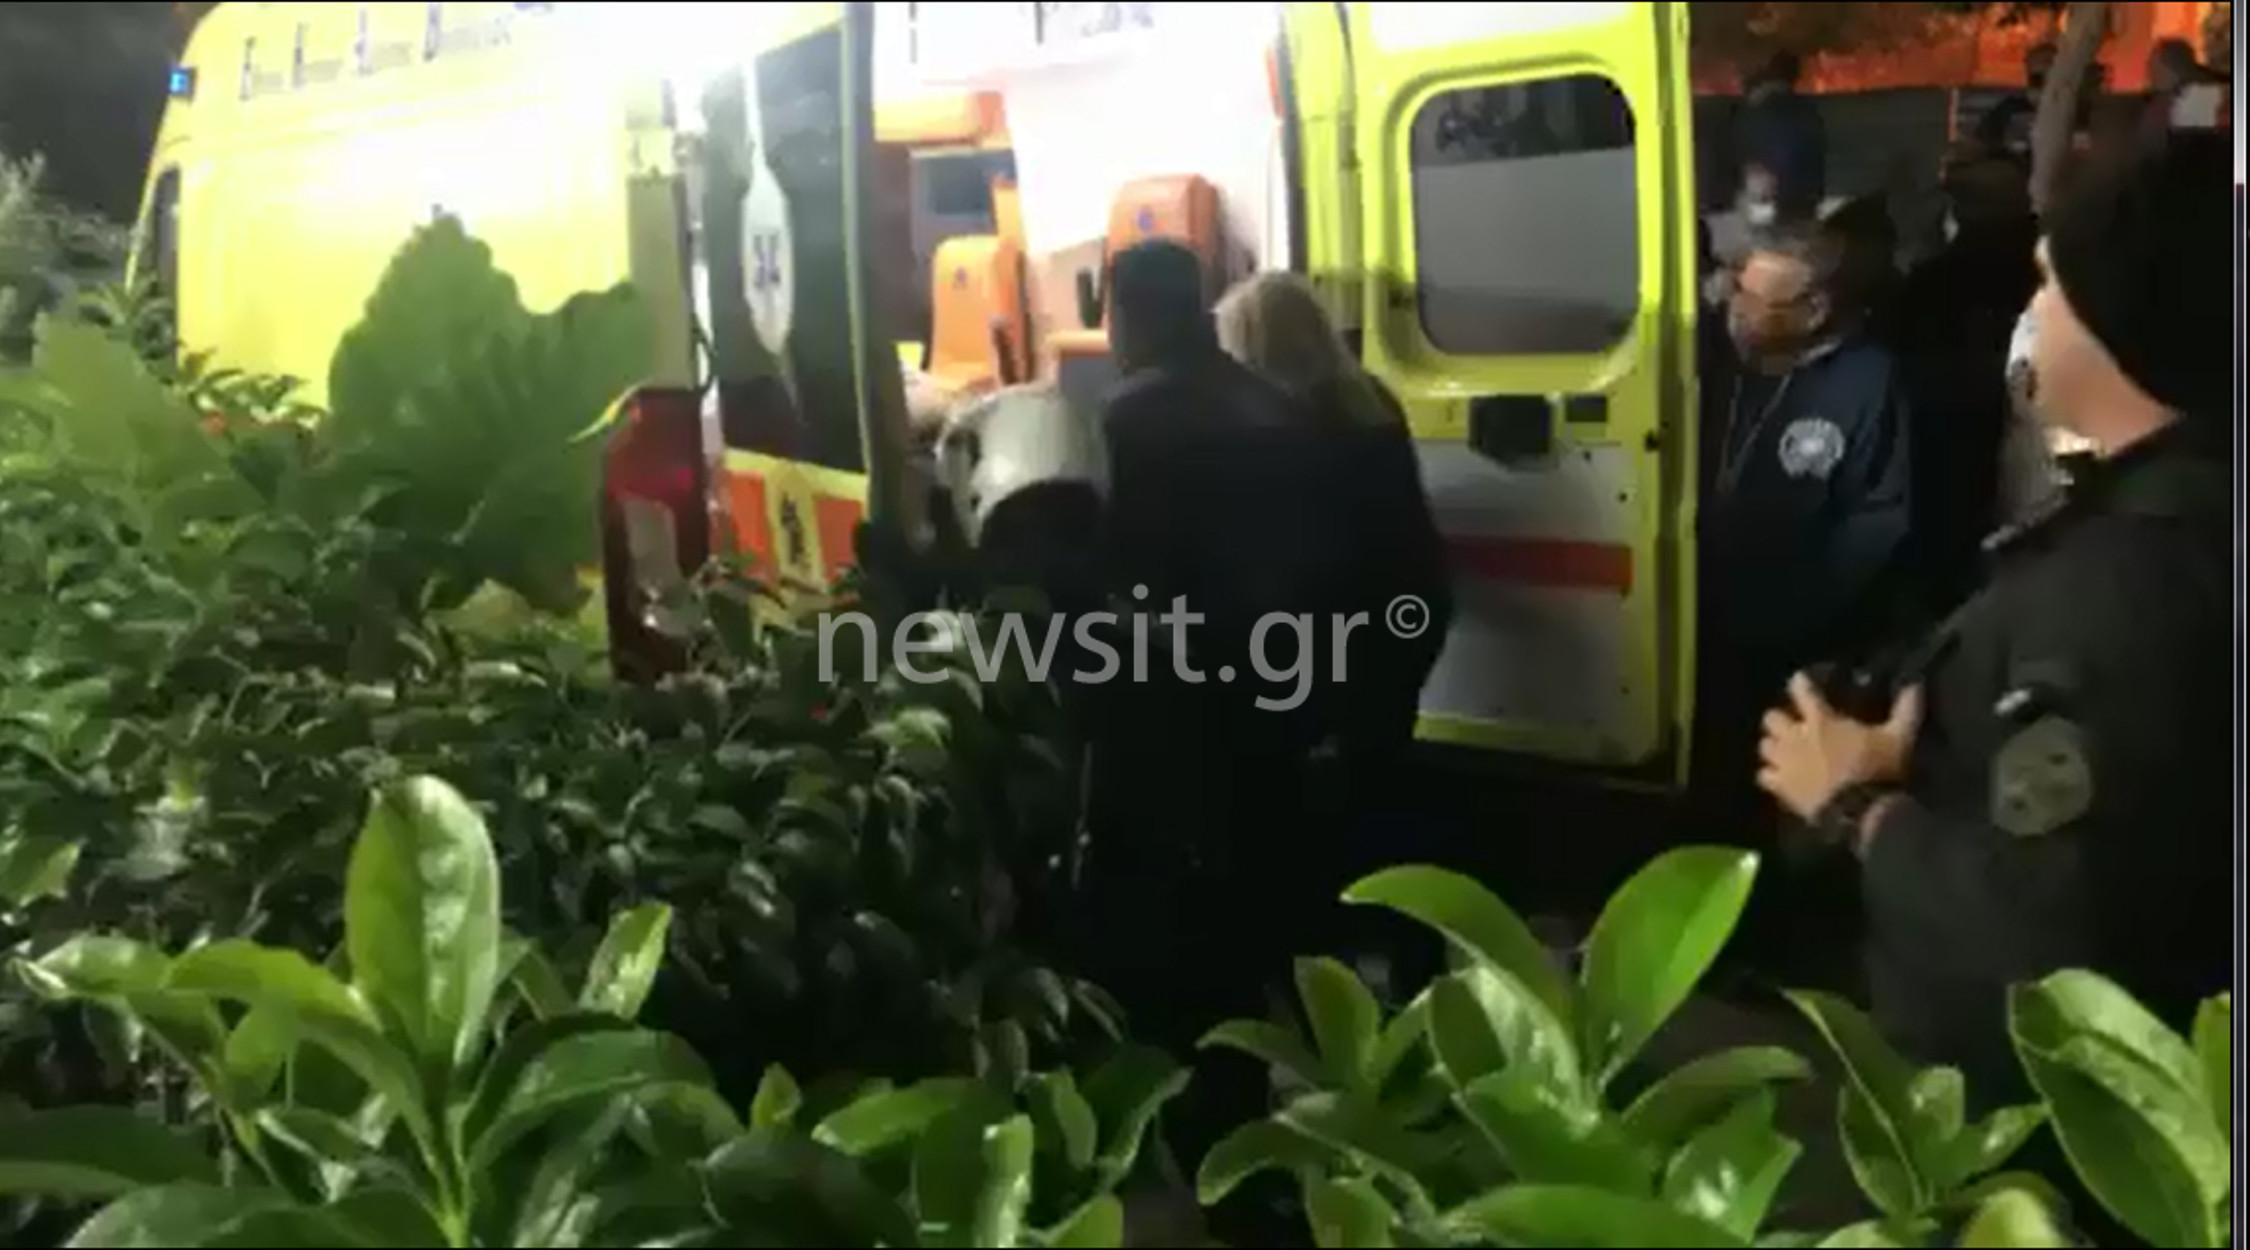 Άγιος Παντελεήμονας: Εικόνες από το σημείο της δολοφονικής επίθεσης – Ένταση κατά την αποχώρηση του ασθενοφόρου